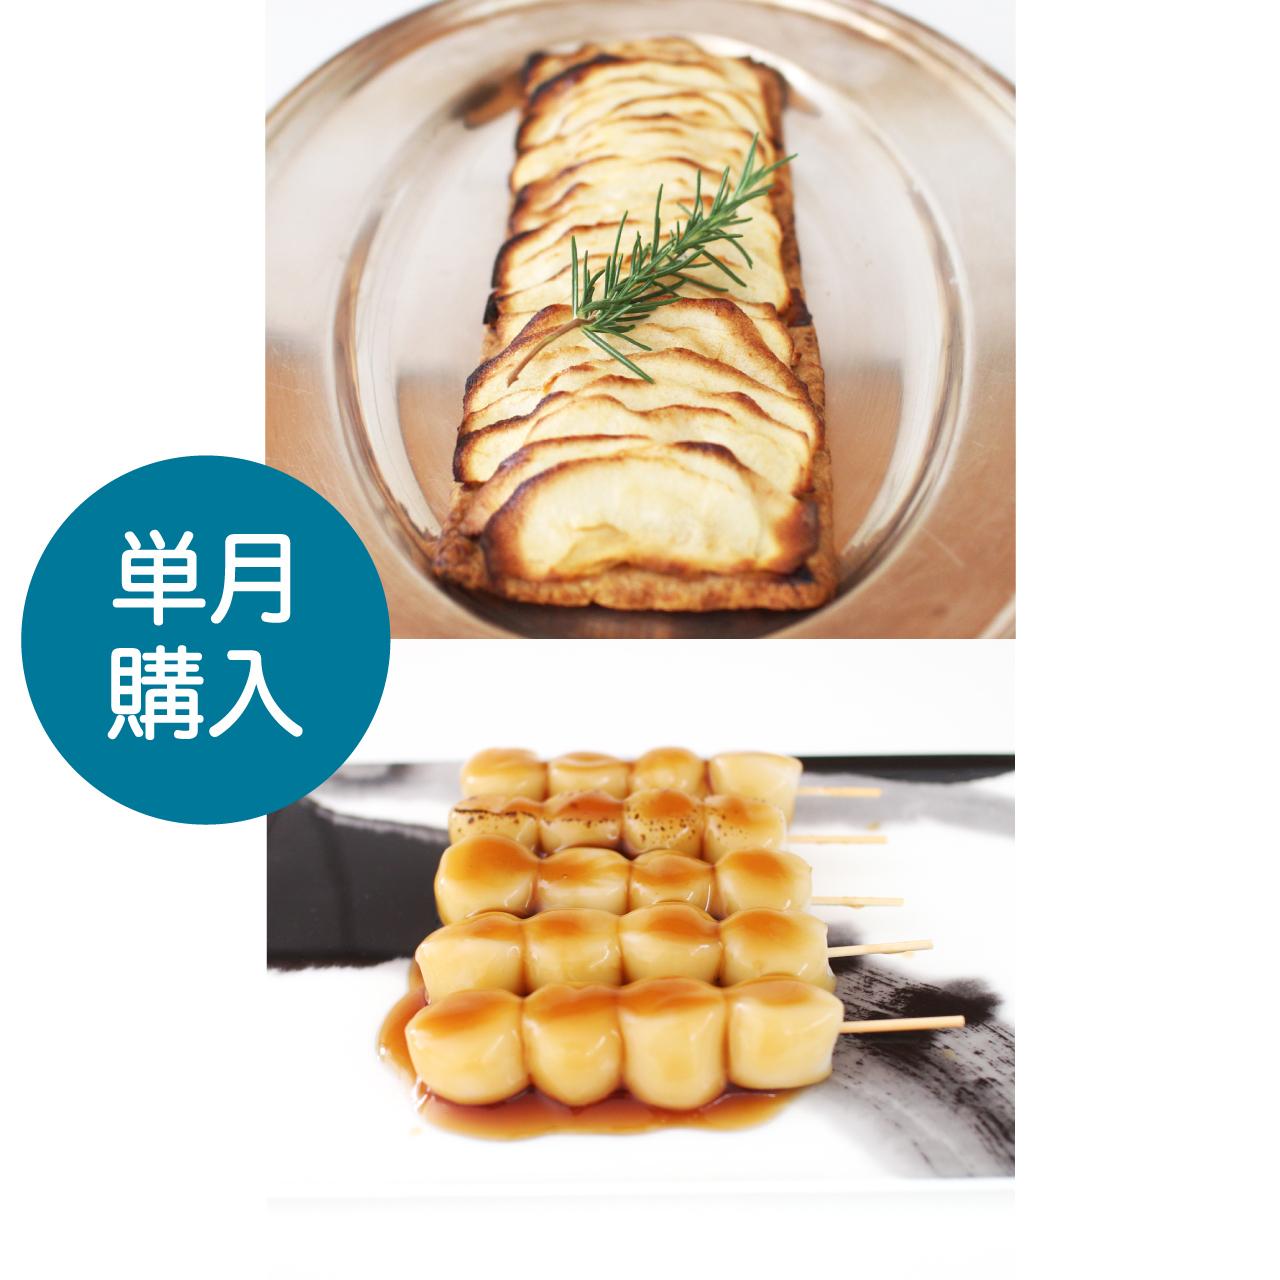 【単月購入】お菓子レッスンキット/9月メニュー